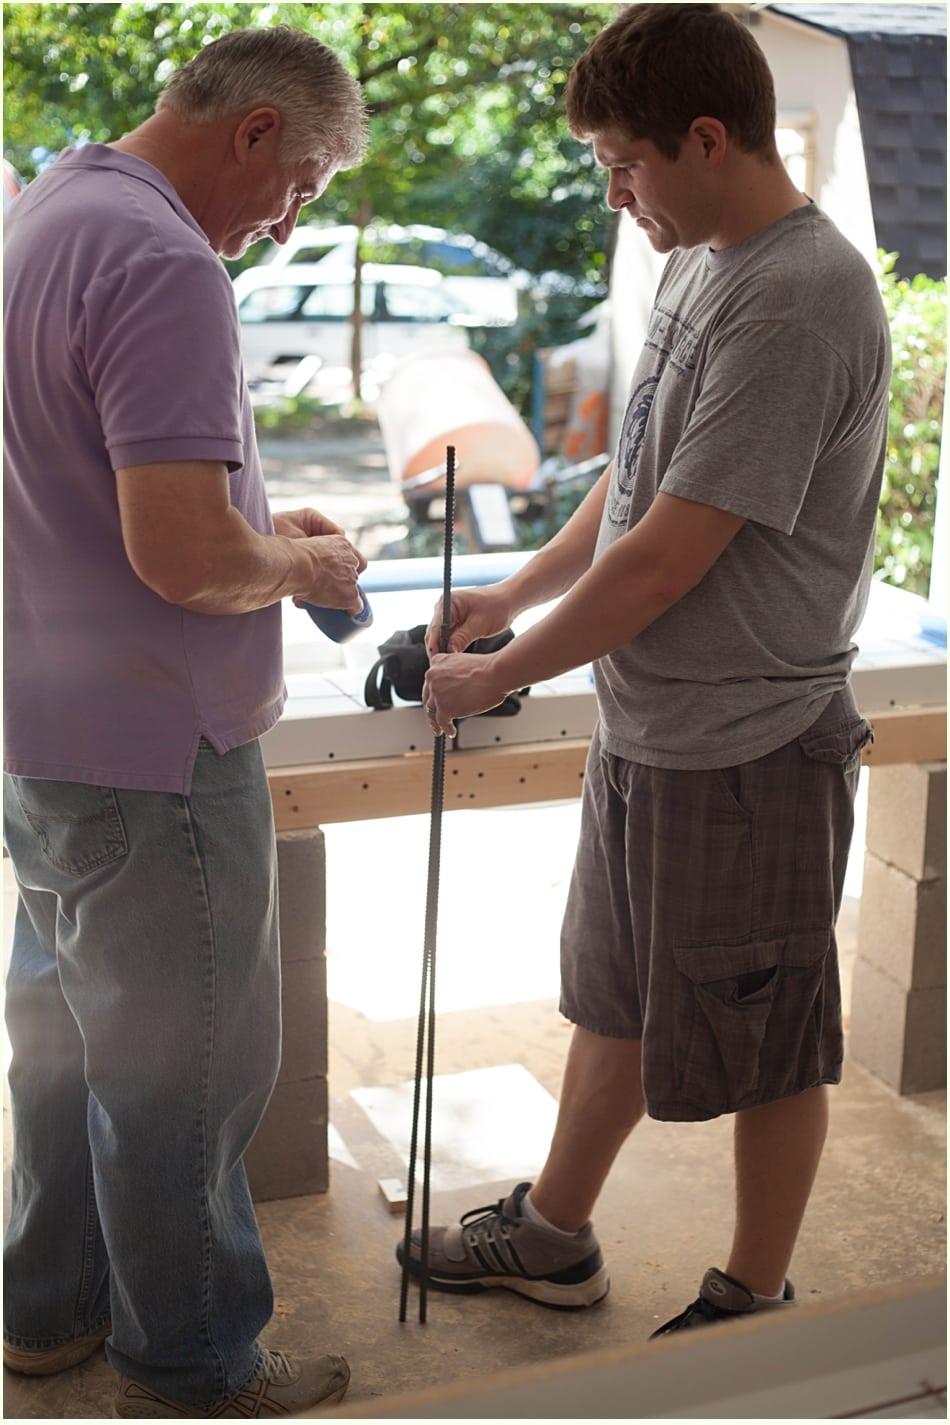 Measuring a piece of rebar for DIY concrete countertops.